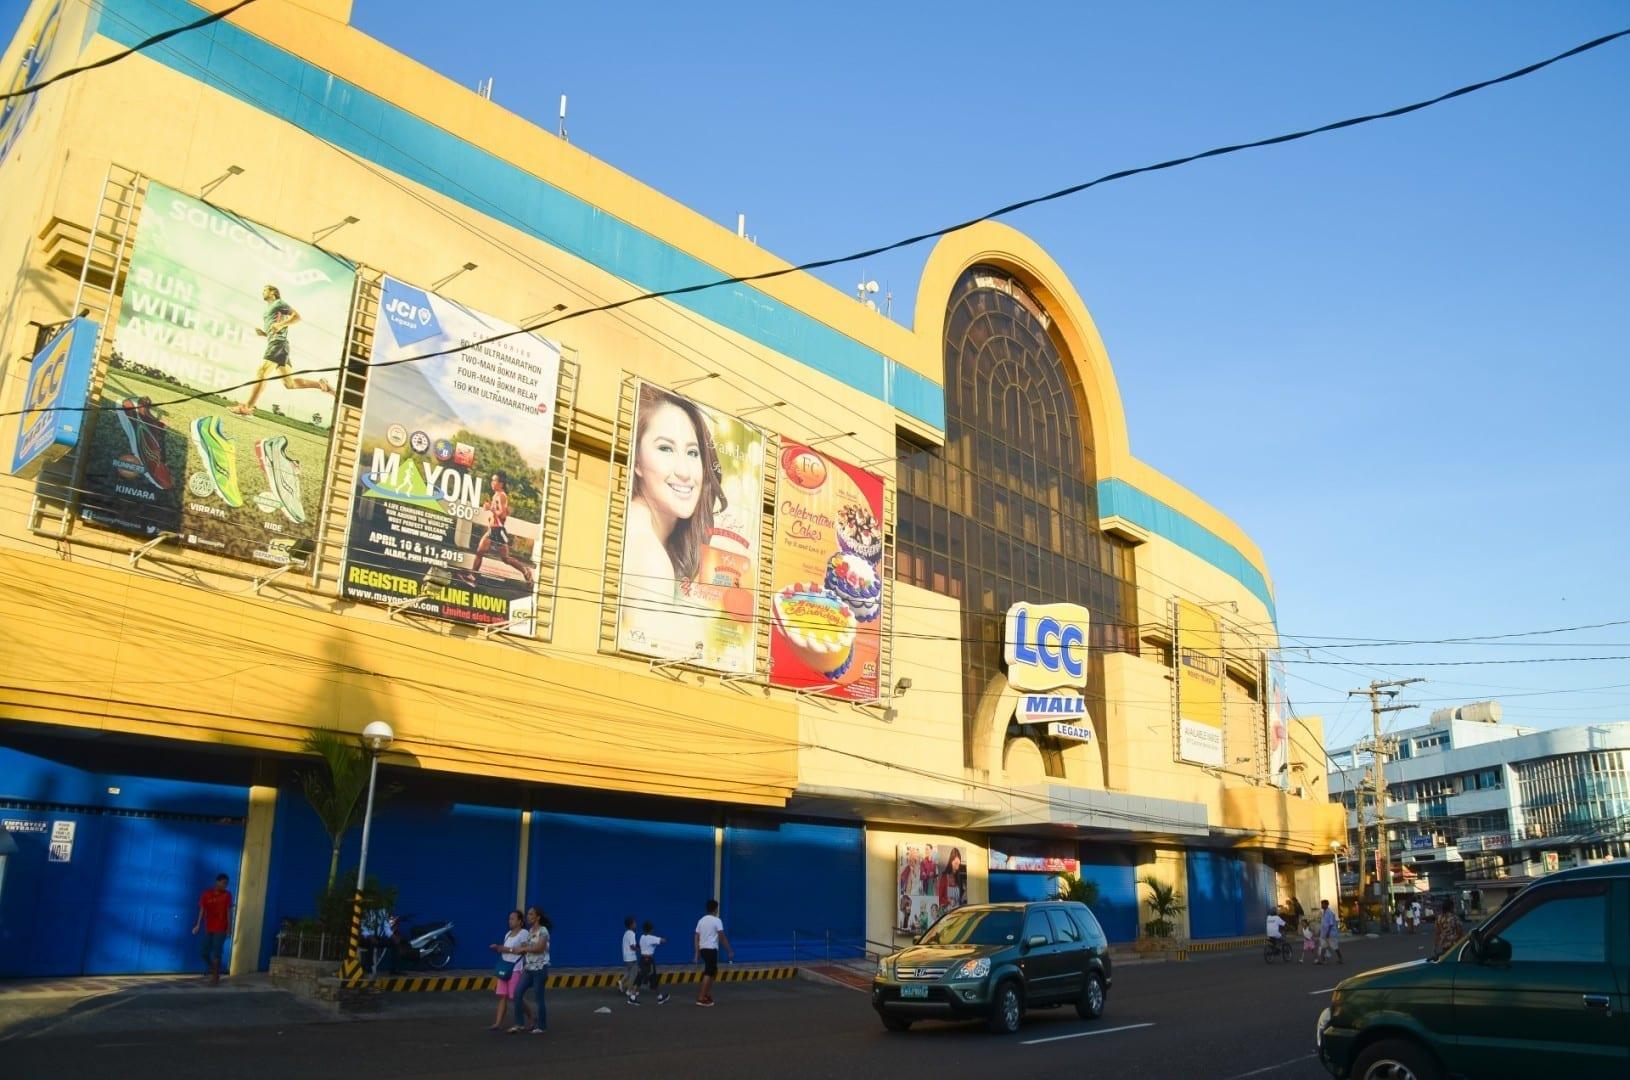 LCC Mall Legazpi Legazpi Filipinas